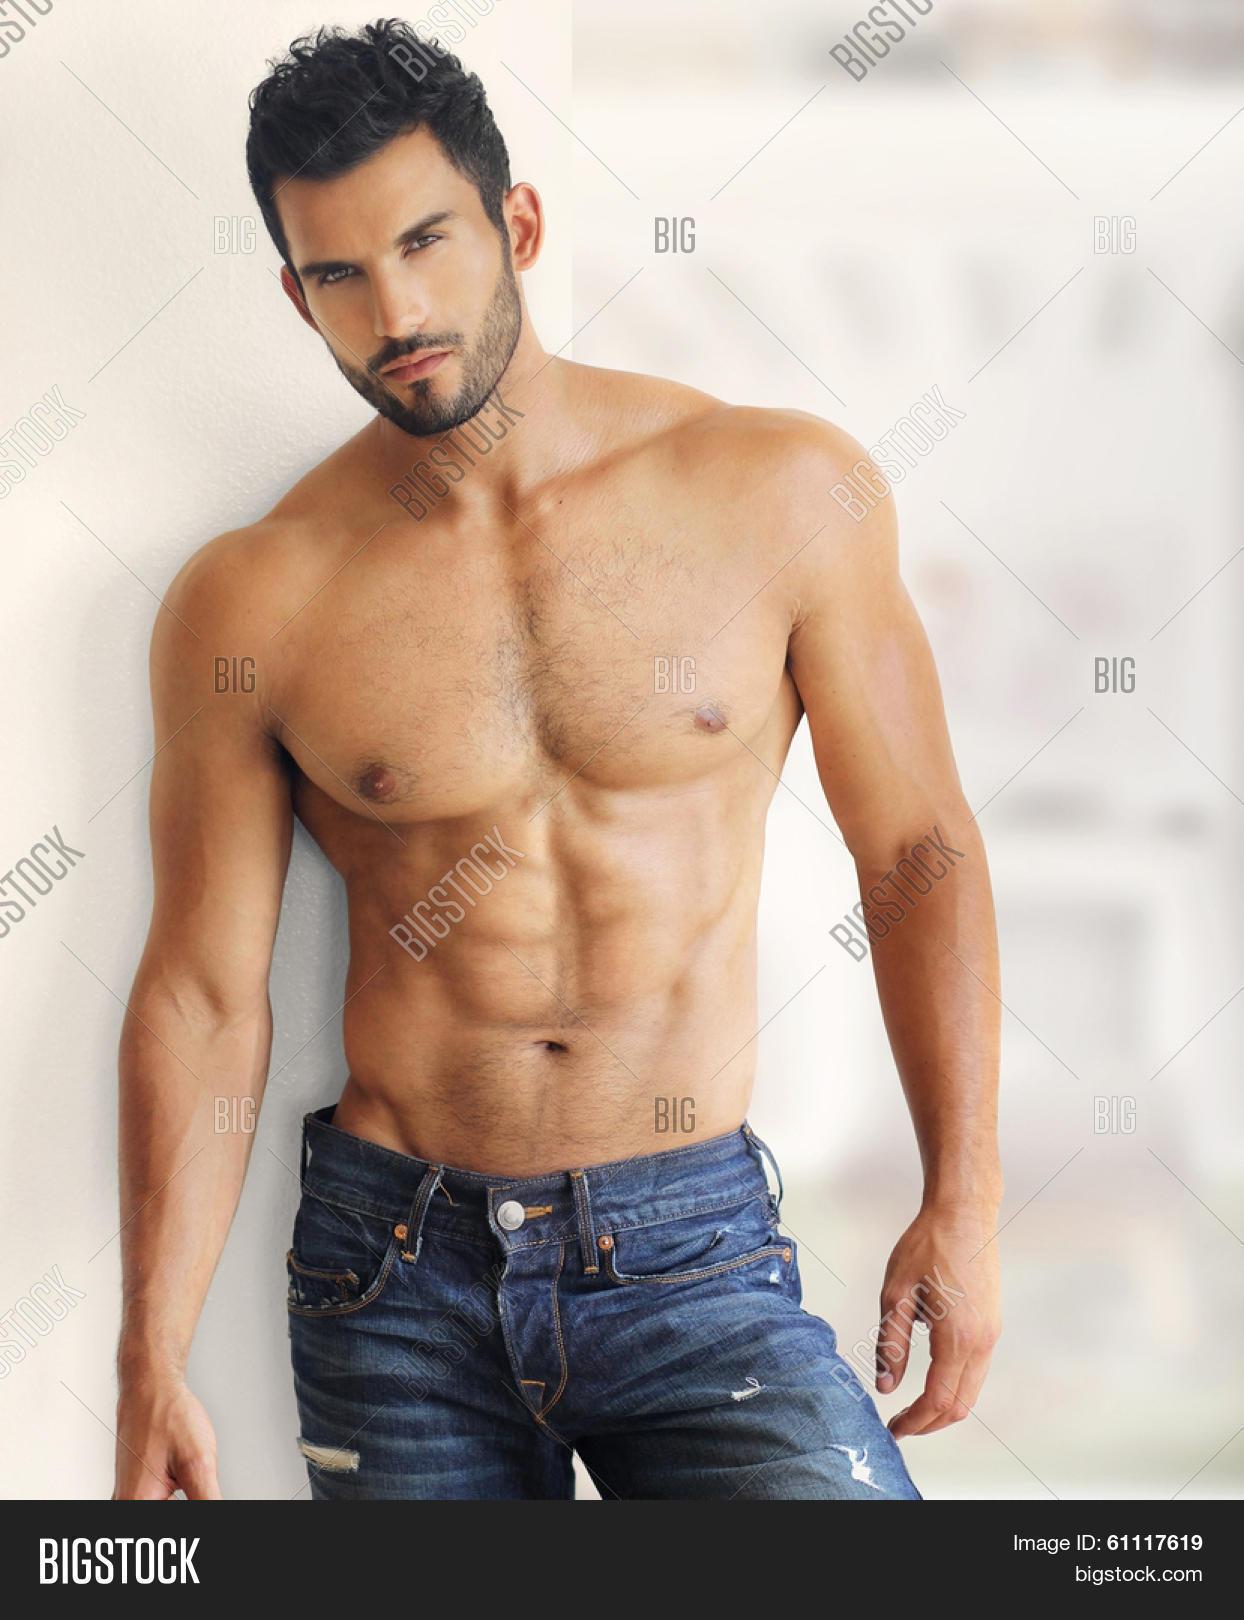 nude gay muscular men